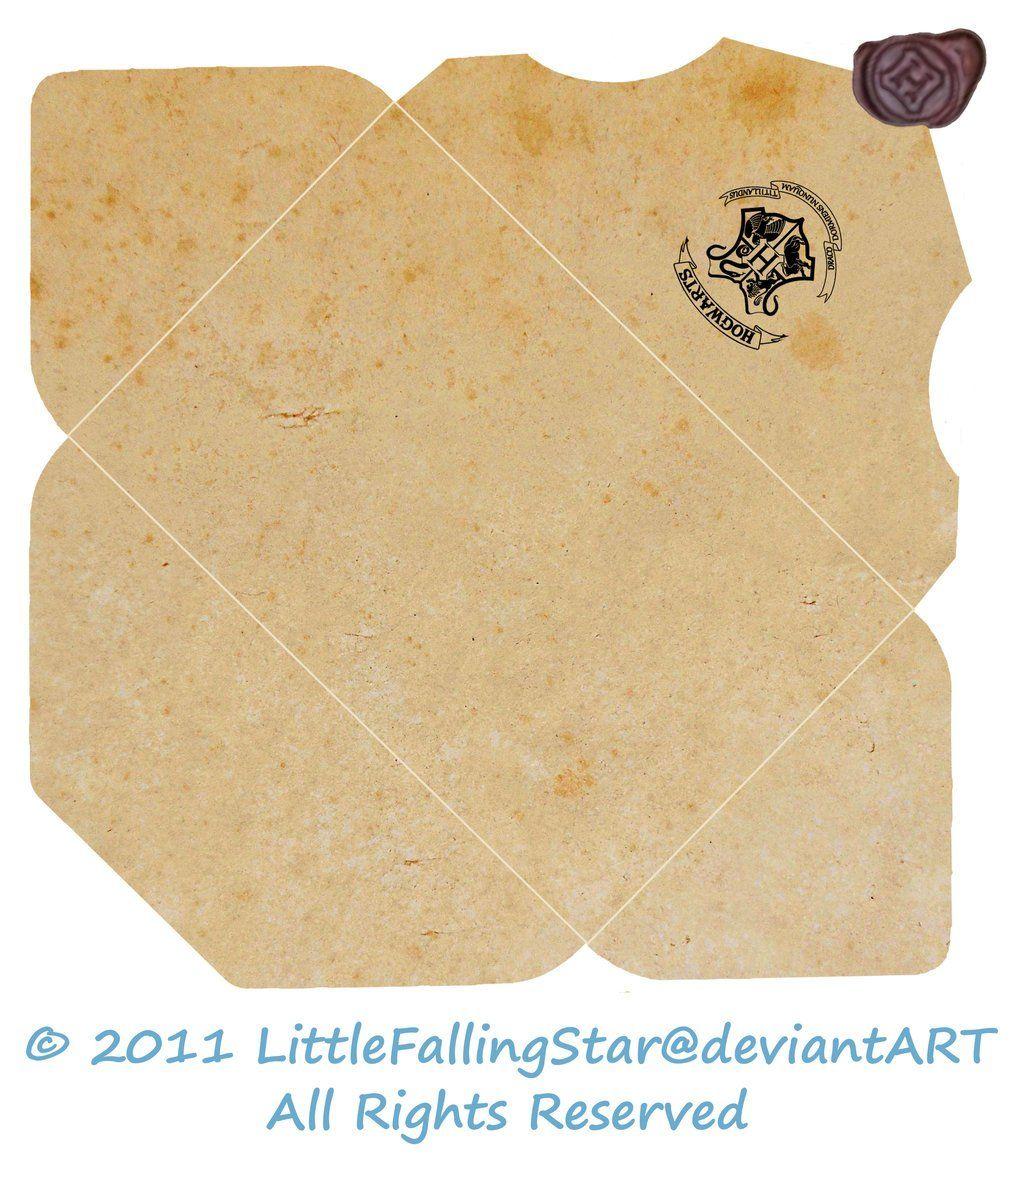 Harry Potter Decor. Hogwarts acceptance letter envelope in